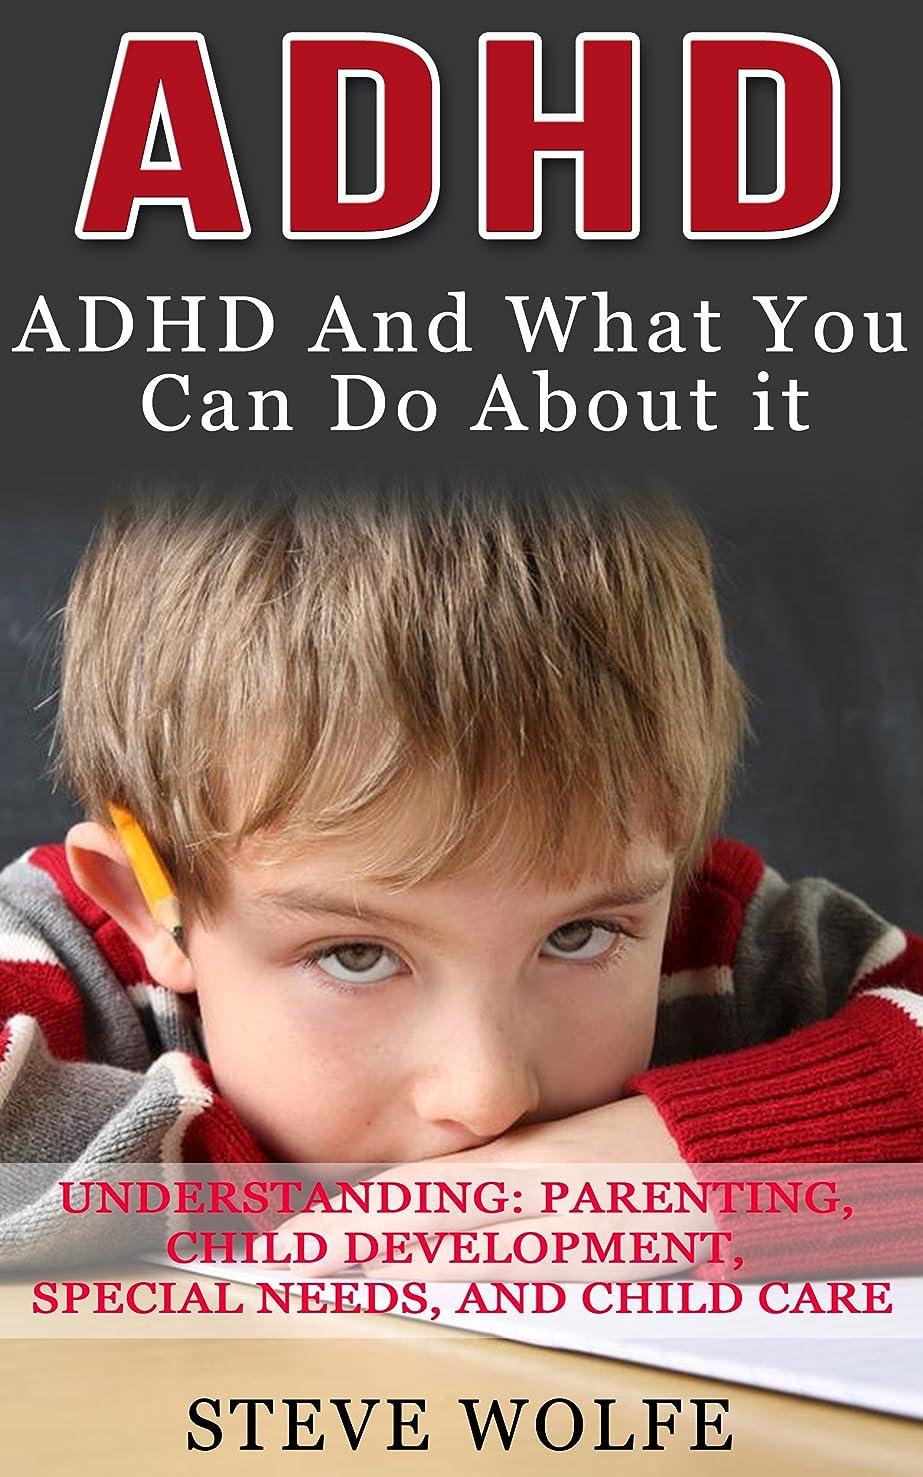 欠席抜け目がない振動するADHD: ADHD And What You Can Do About it - Understanding: Parenting, Child Development, Special Needs, and Child Care (Hyperactive Child, Hyperactivity, ... Learning Disabilities) (English Edition)